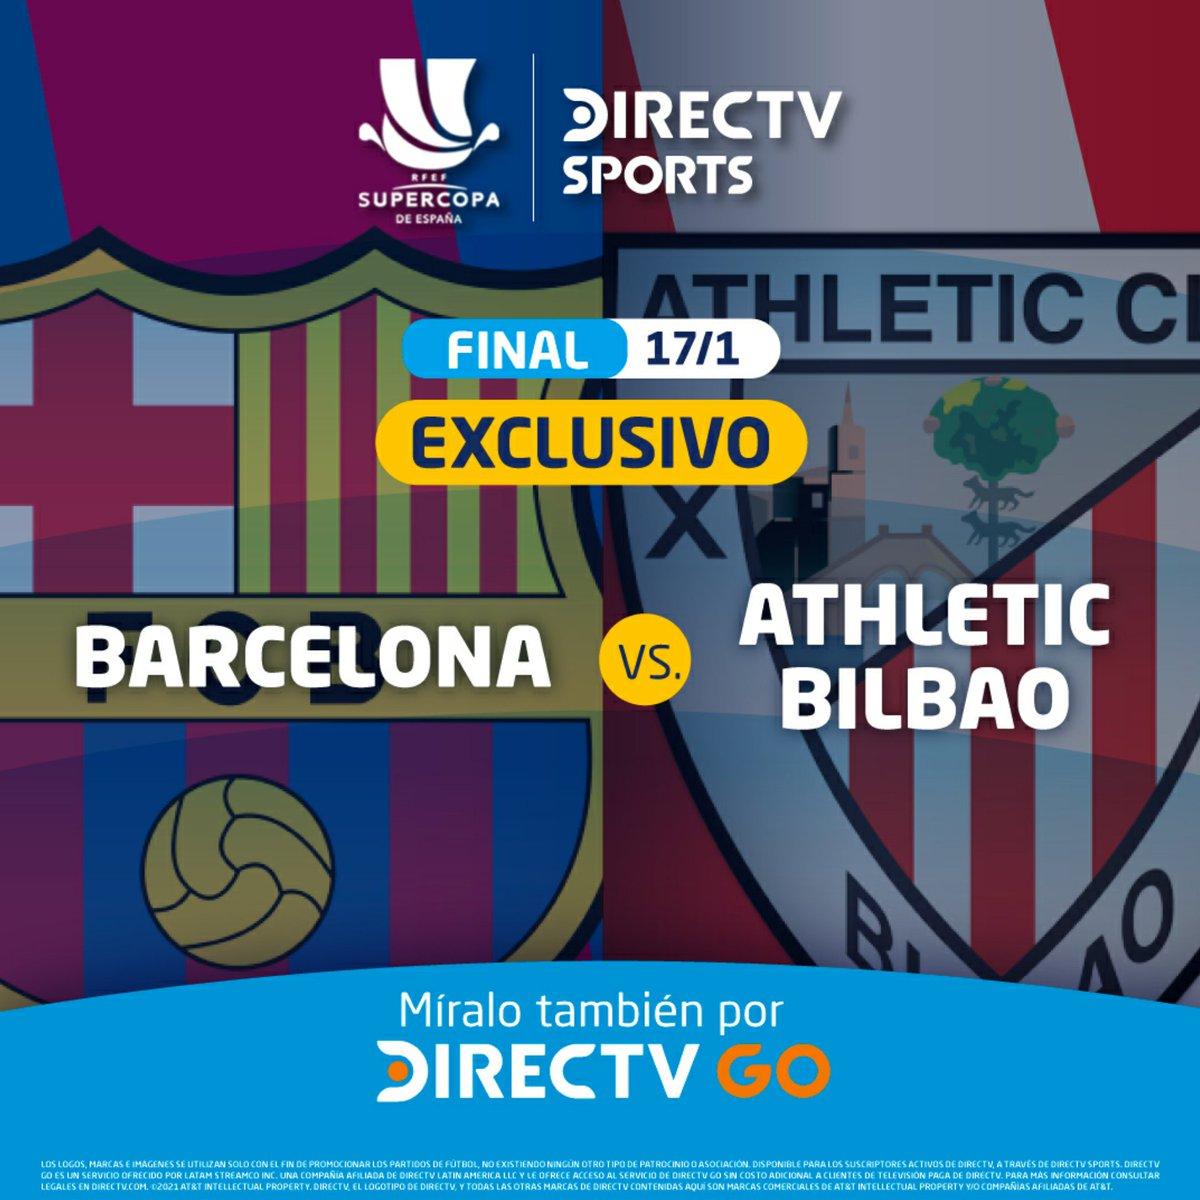 Disfruta de la final de la final de la Súper Copa de España. Entre #Barcelona 🆚️ #AthleticBilbao, este Domingo 17 de Enero en Exclusiva por #DIRECTV y #DIRECTVGO   Para más información escríbeme al 📲 9️⃣7️⃣4️⃣6️⃣4️⃣5️⃣0️⃣7️⃣5️⃣